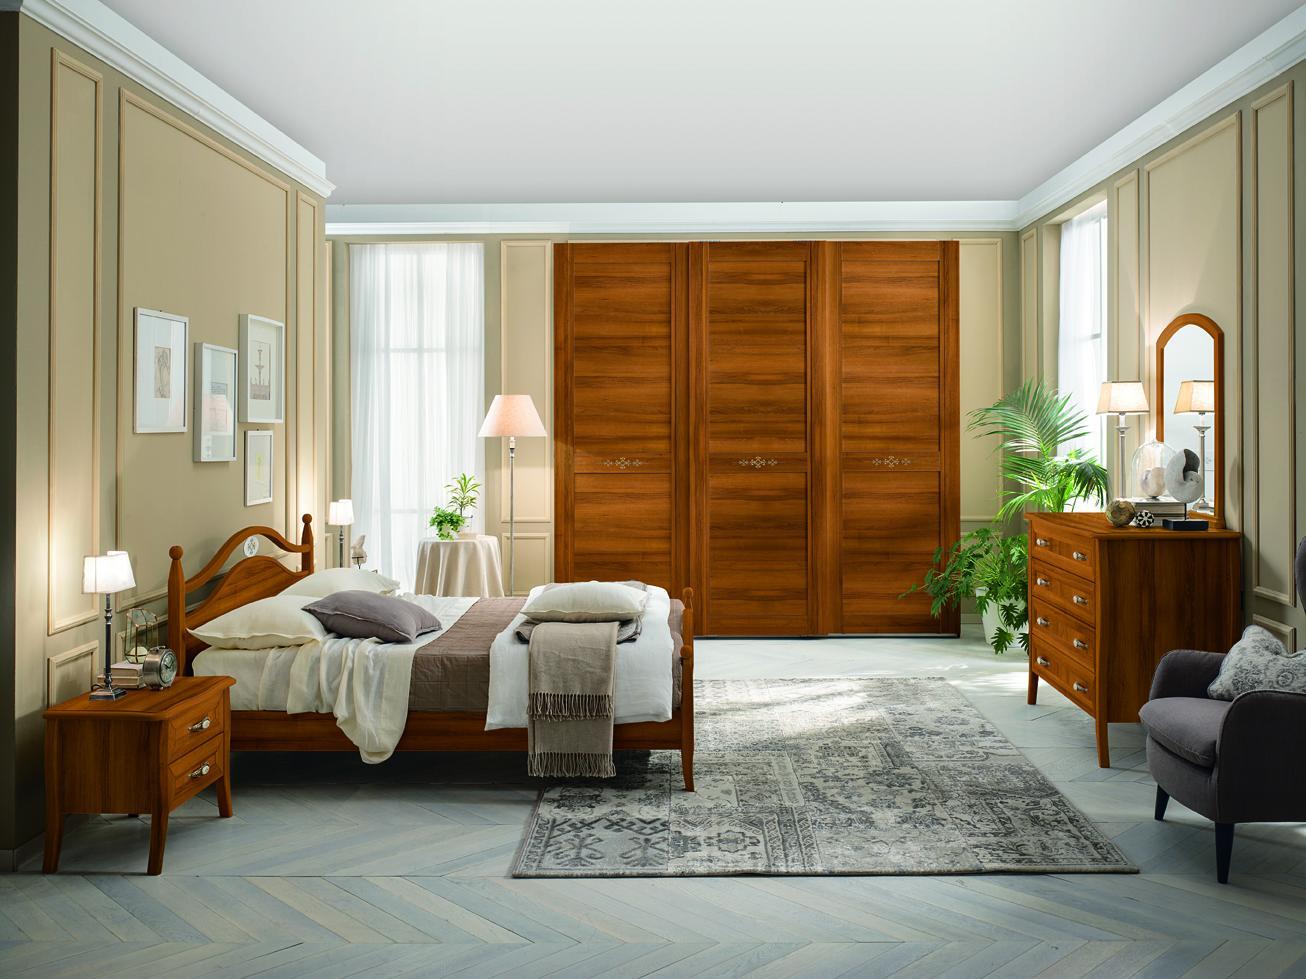 Camere matrimoniali classiche | ARREDOMENTE srl